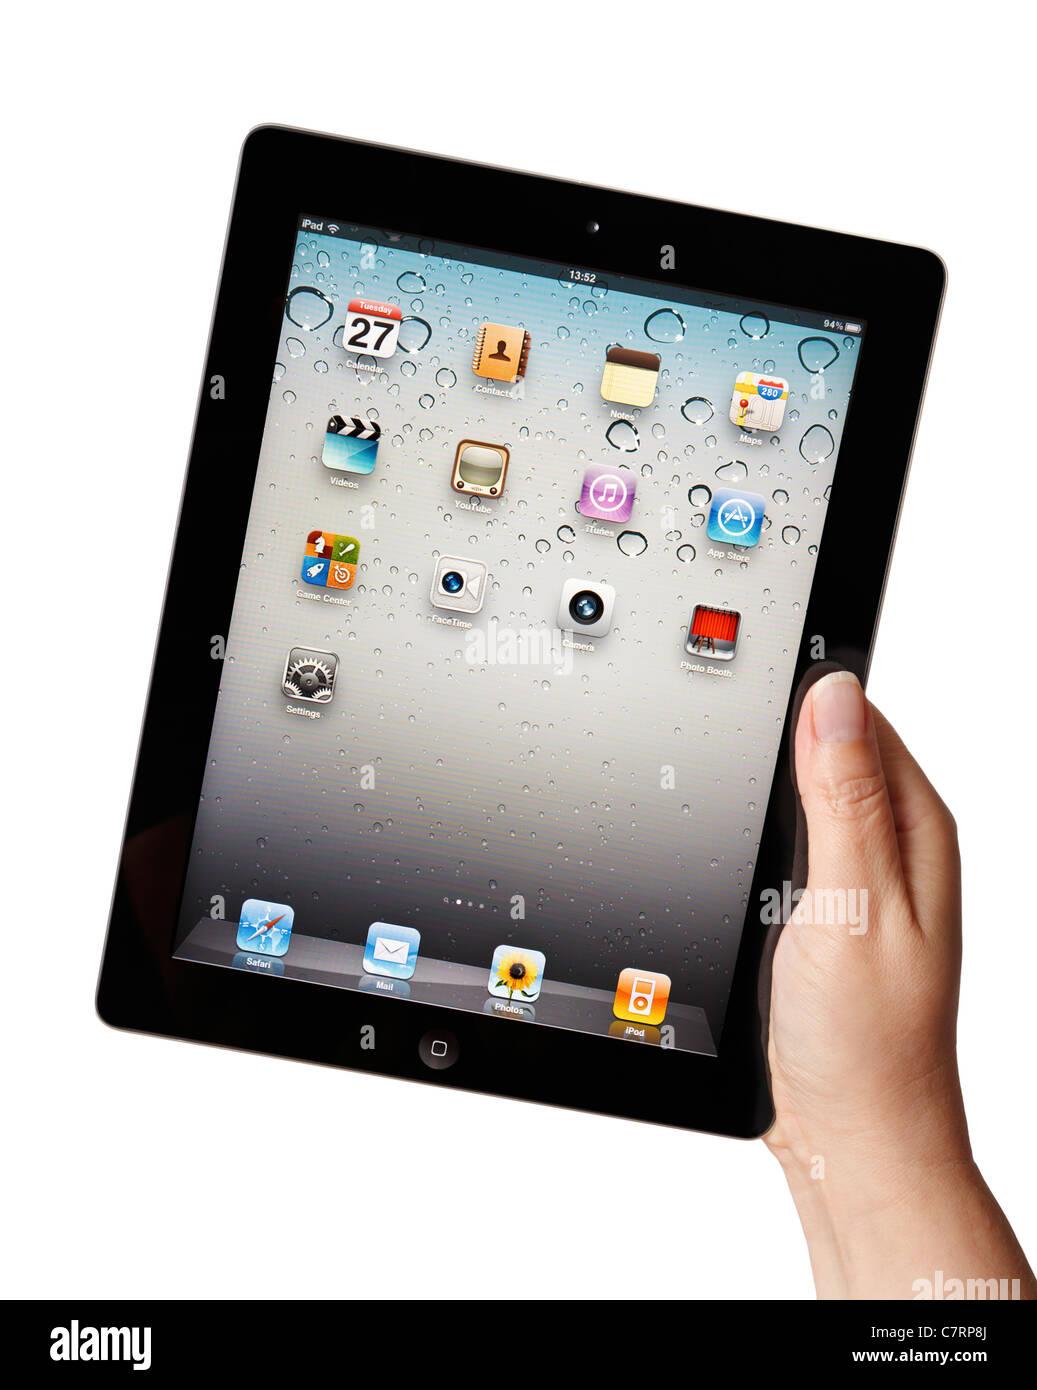 Mano sosteniendo el iPad que muestra la pantalla del menú de aplicaciones Imagen De Stock